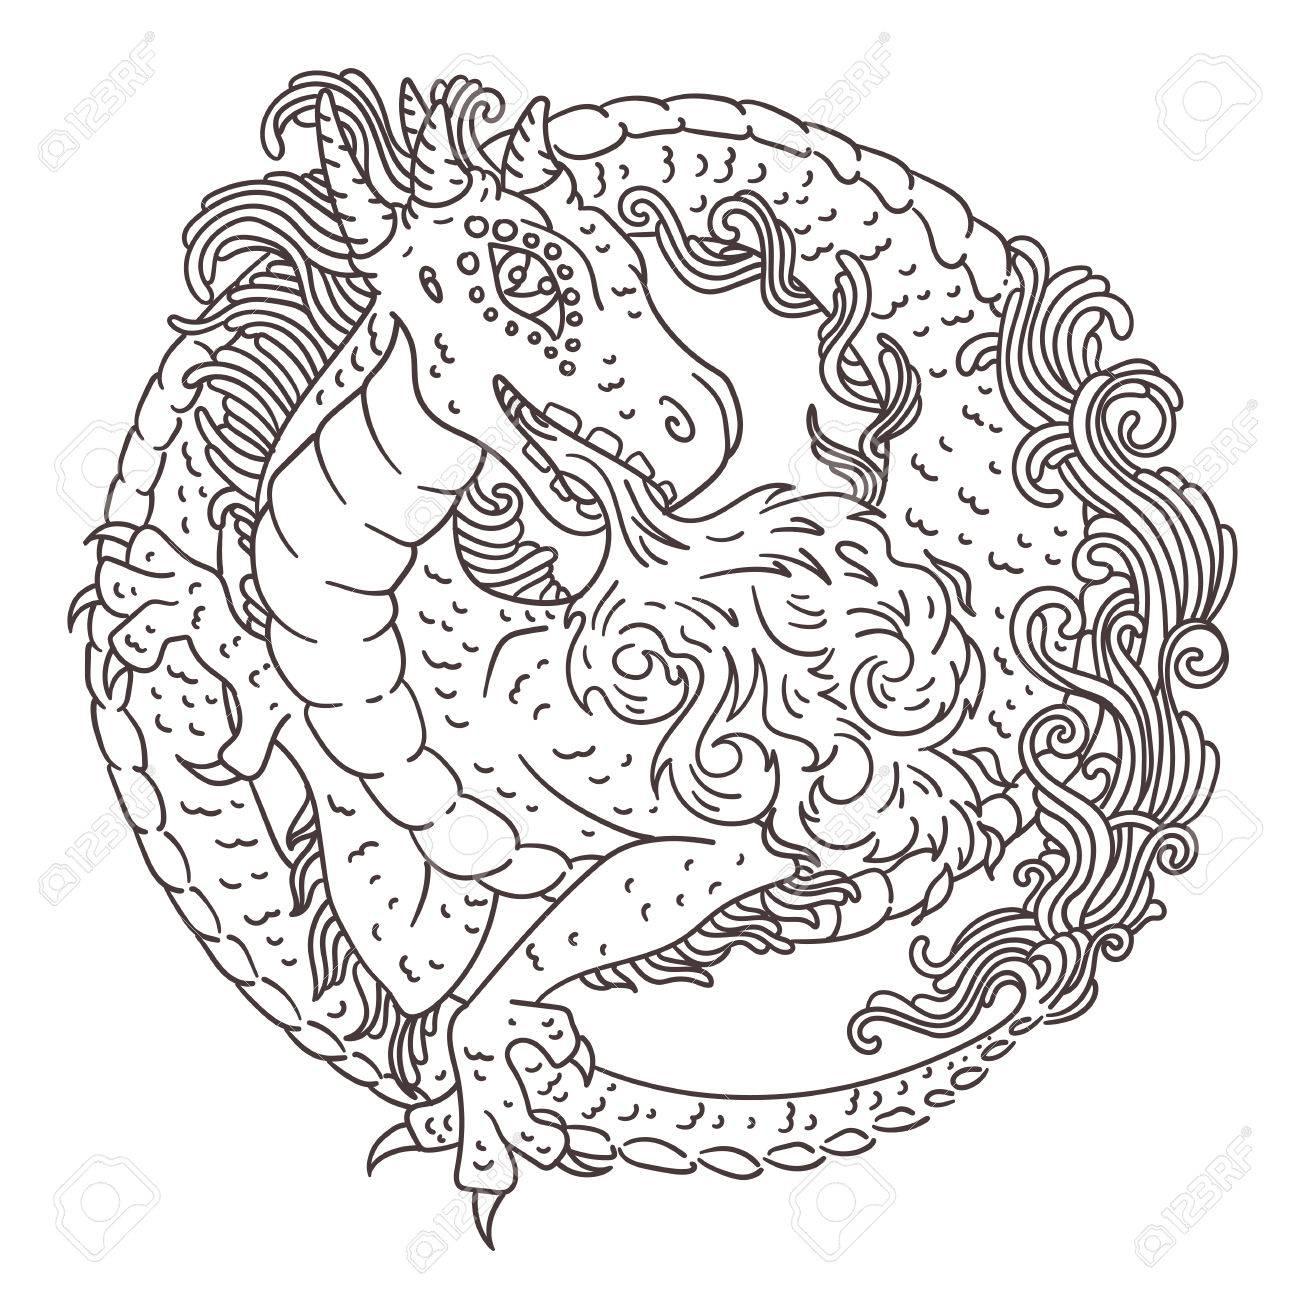 Vektor-Illustration Der Chinesischen, Europäischen Oder Japanischen ...